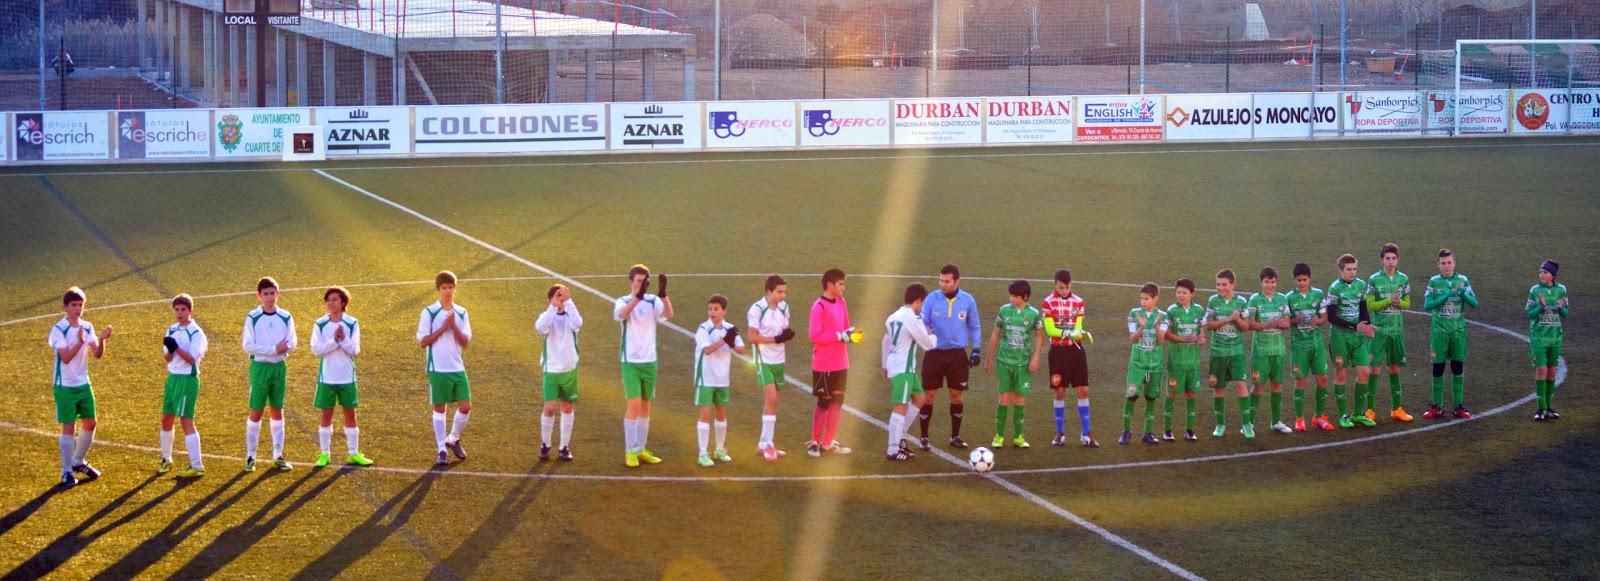 Fútbol Pasión Verde : JORNADA 15ª (17-01-15): CUARTE 1- OLIVAR 2